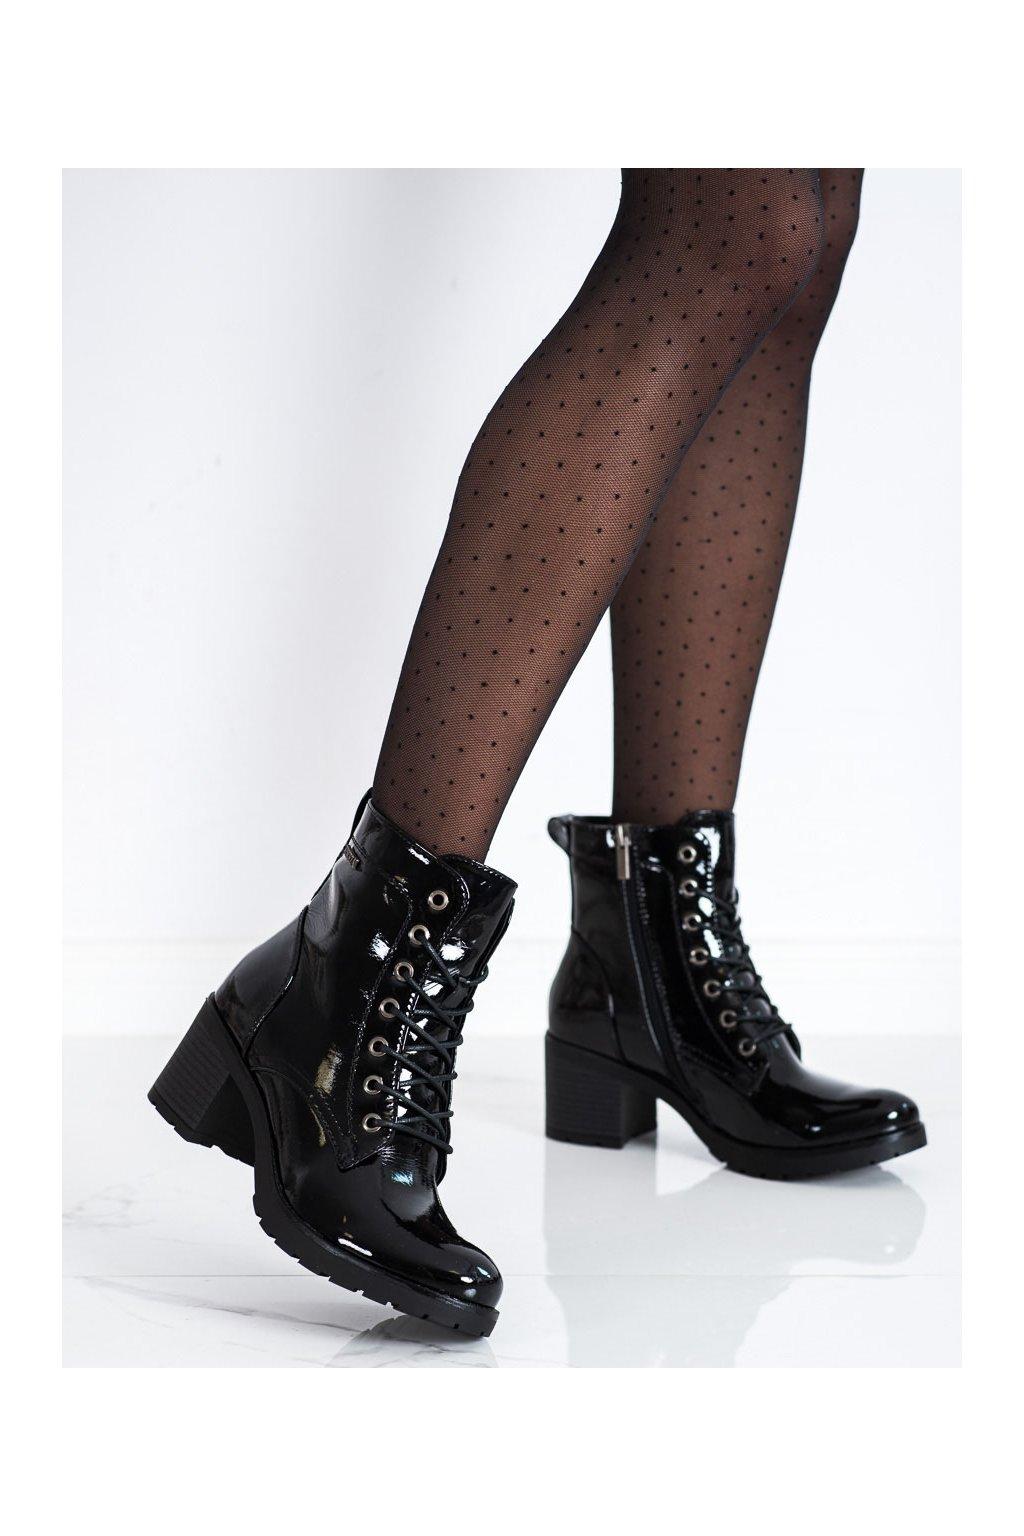 Čierne dámske topánky Vinceza kod XY22-10643B/B/B